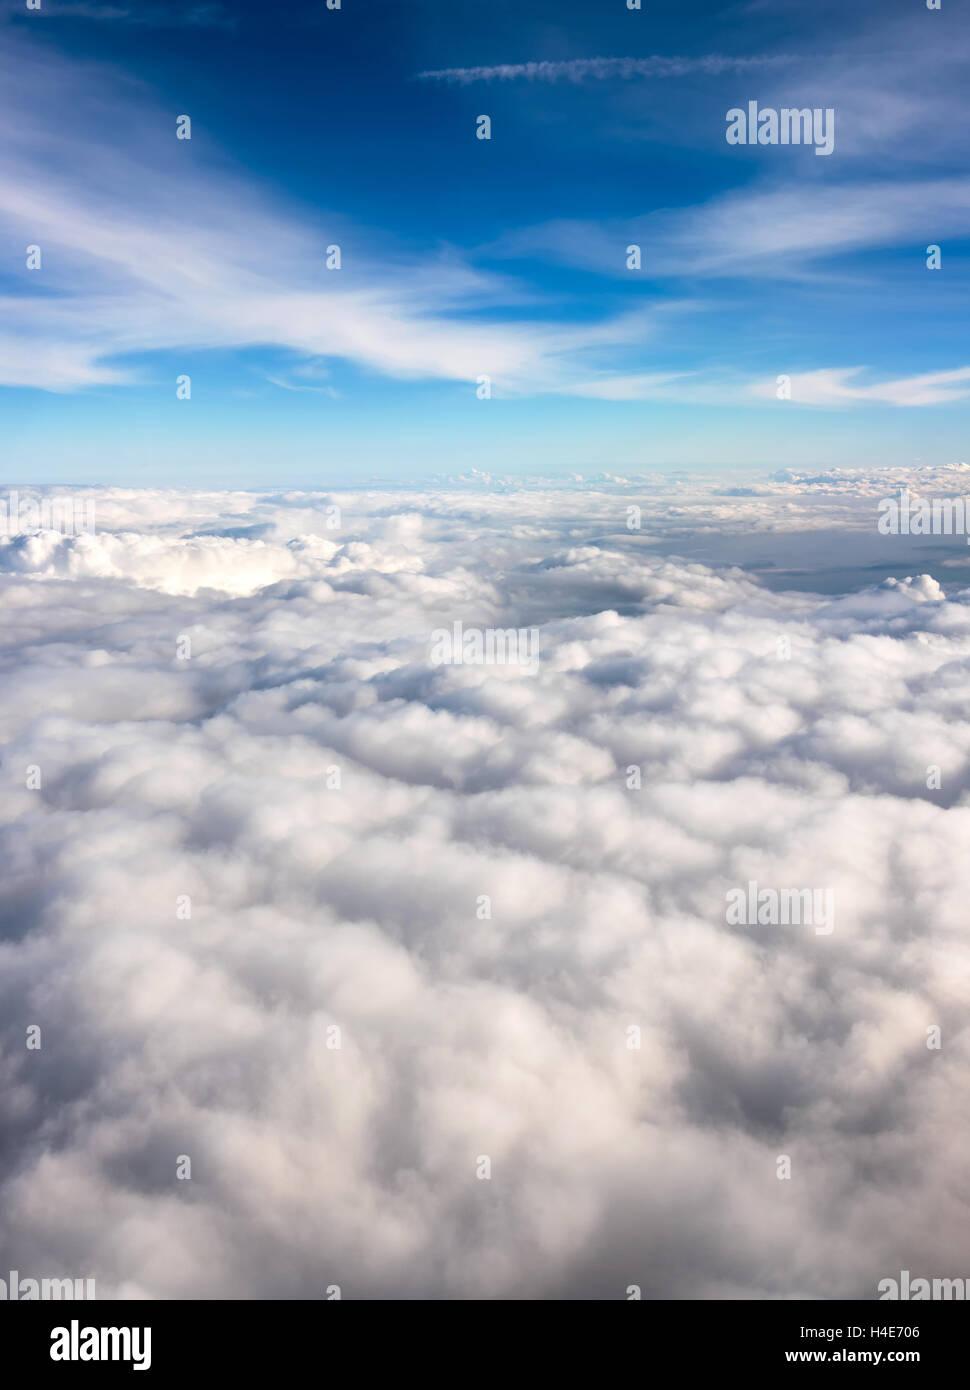 Vol au-dessus d'une couche dense de nuages duveteux en clair dans le ciel bleu et le soleil dans un concept Photo Stock